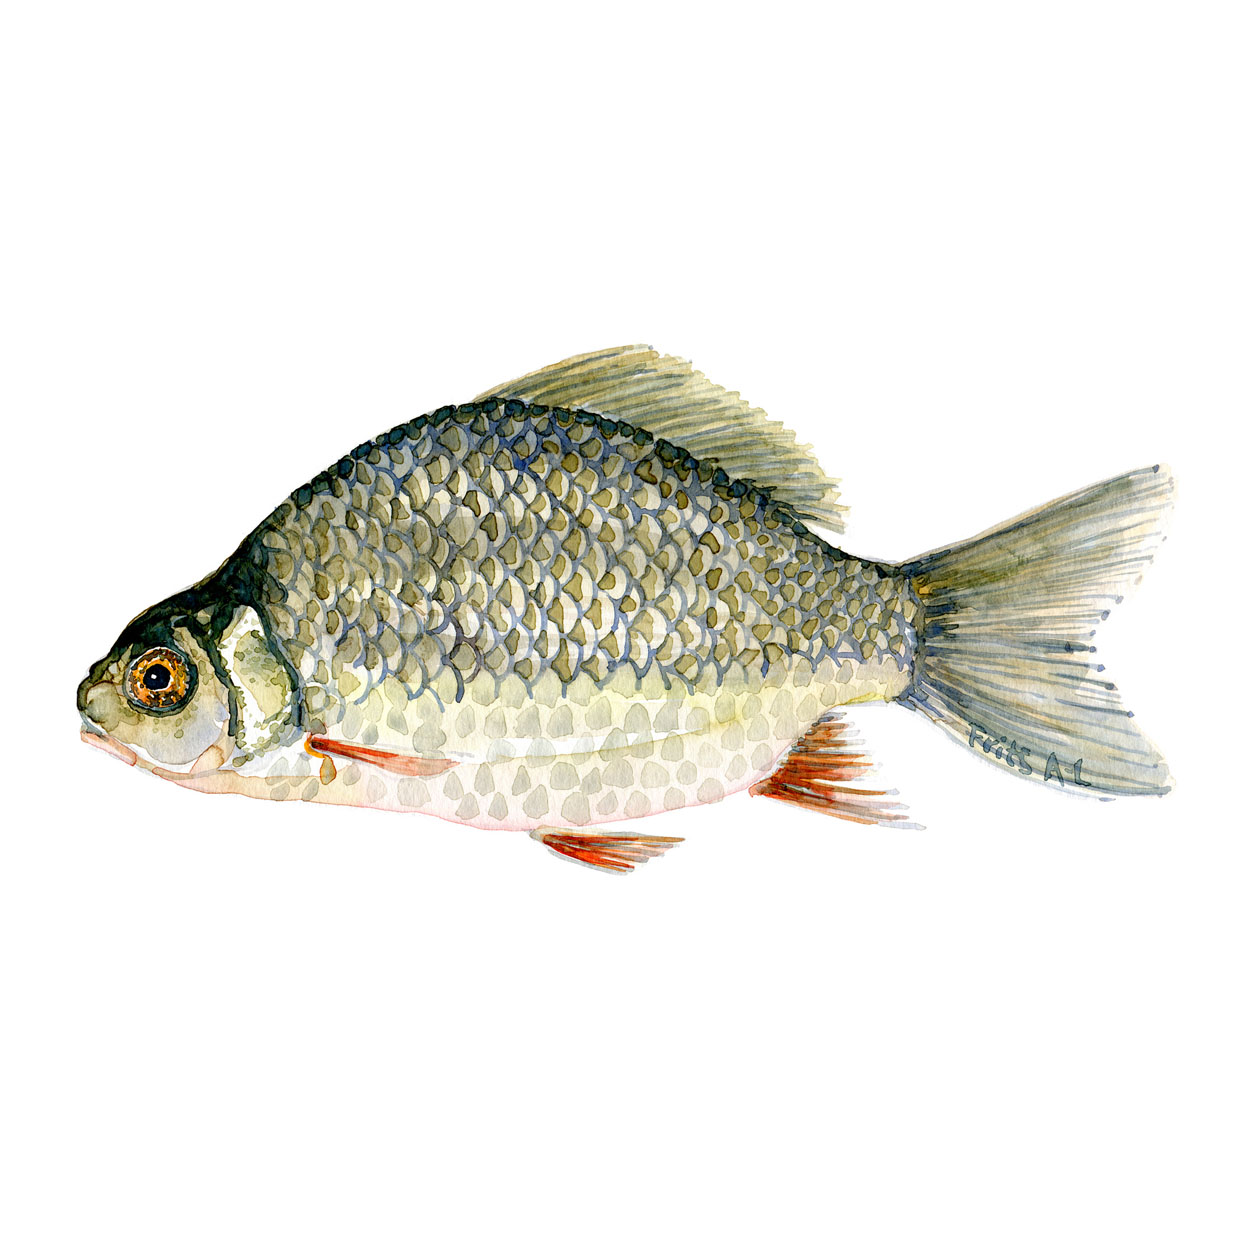 Karusse Ferskvandsfisk og biodiversitet i Danmark Akvarel af Frits Ahlefeldt